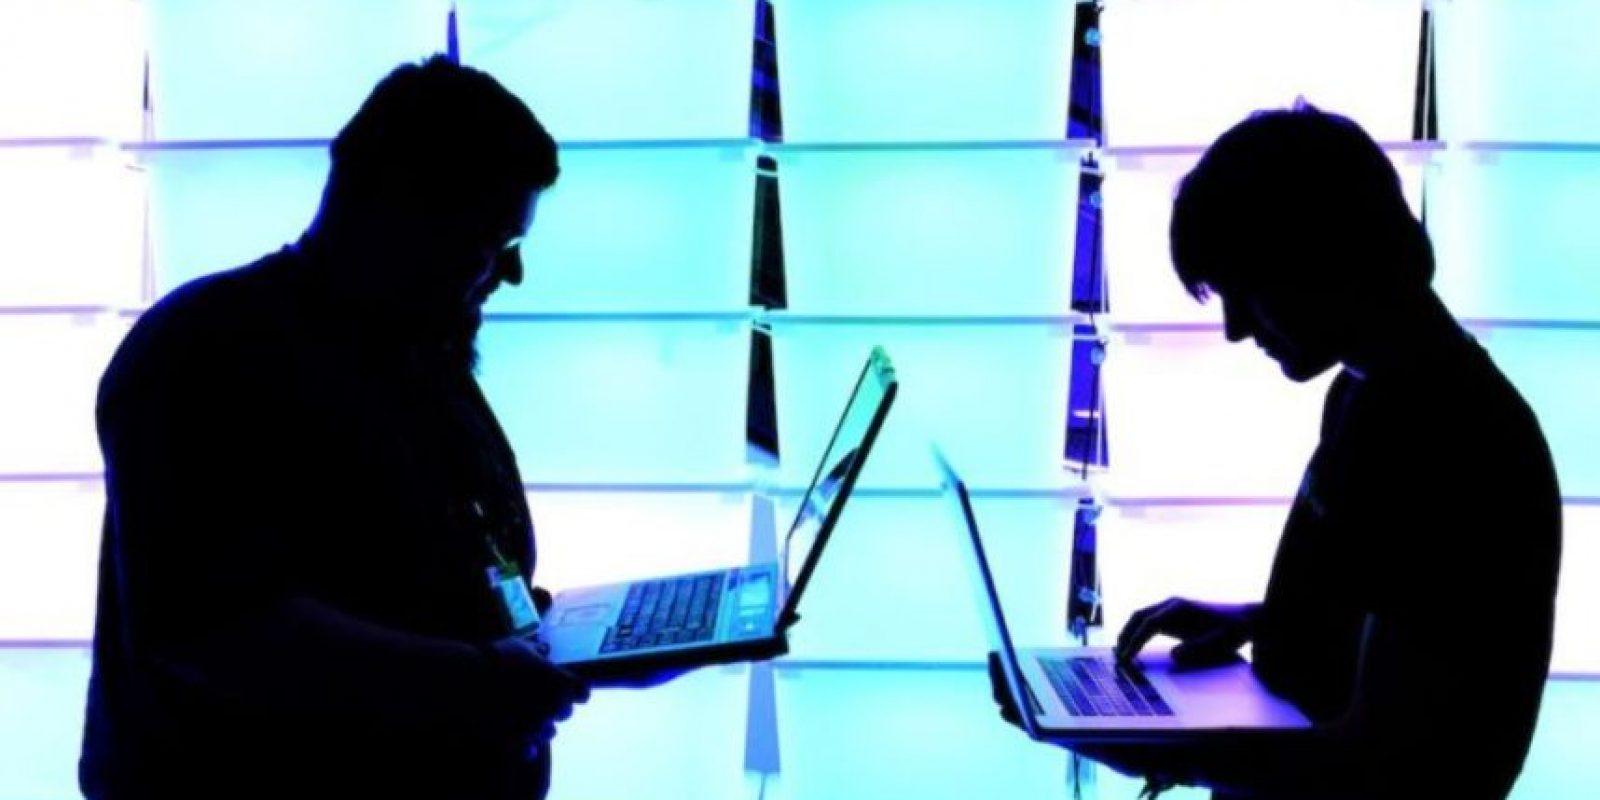 Enseguida pueden conocer algunos tips para protegerse en Internet. Foto:Getty Images